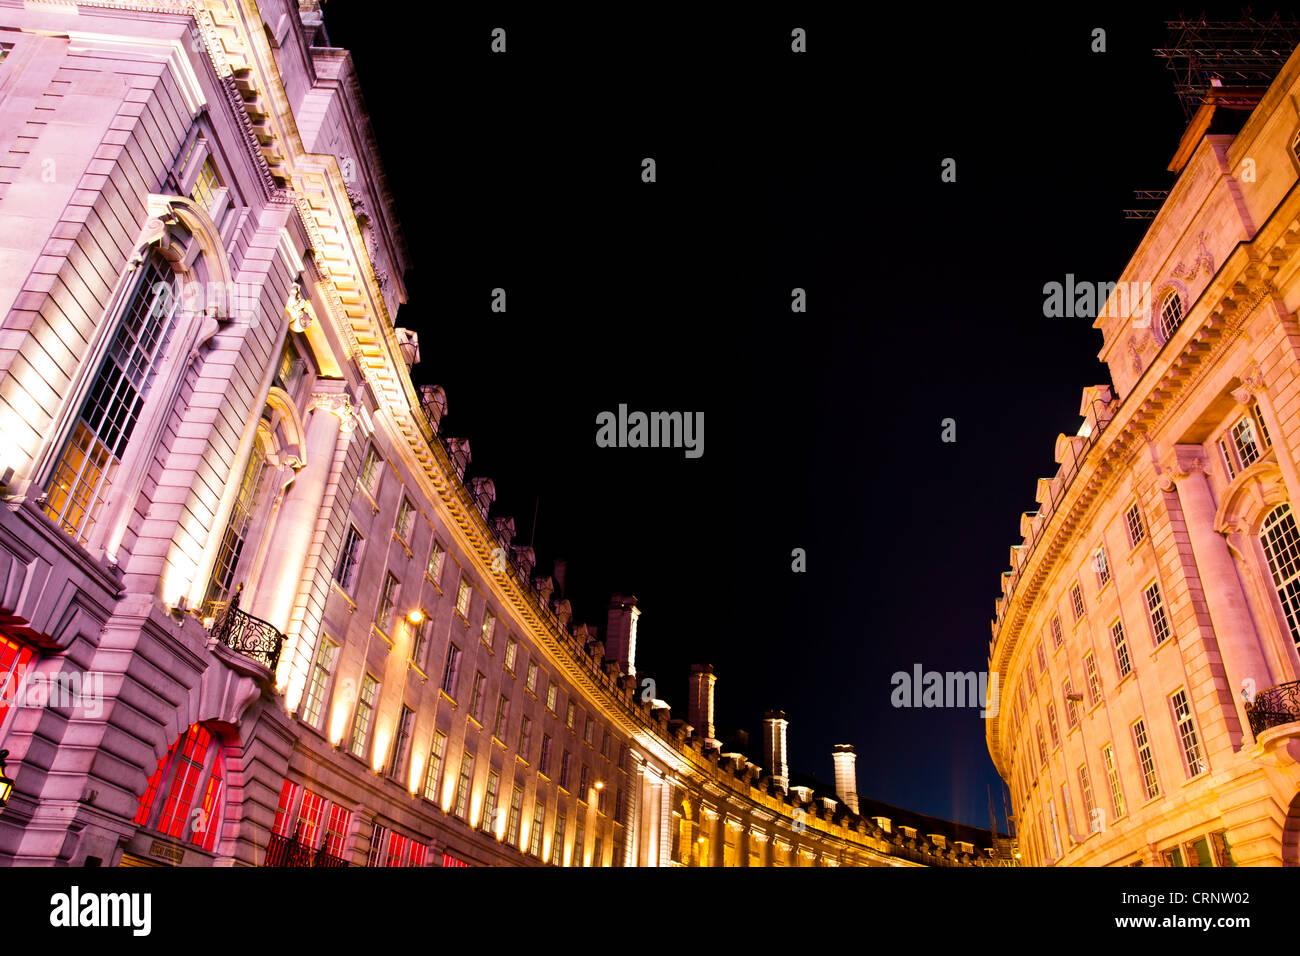 Detalle de edificios en Regent Street, junto a Piccadilly Circus en el West End de Londres. Imagen De Stock